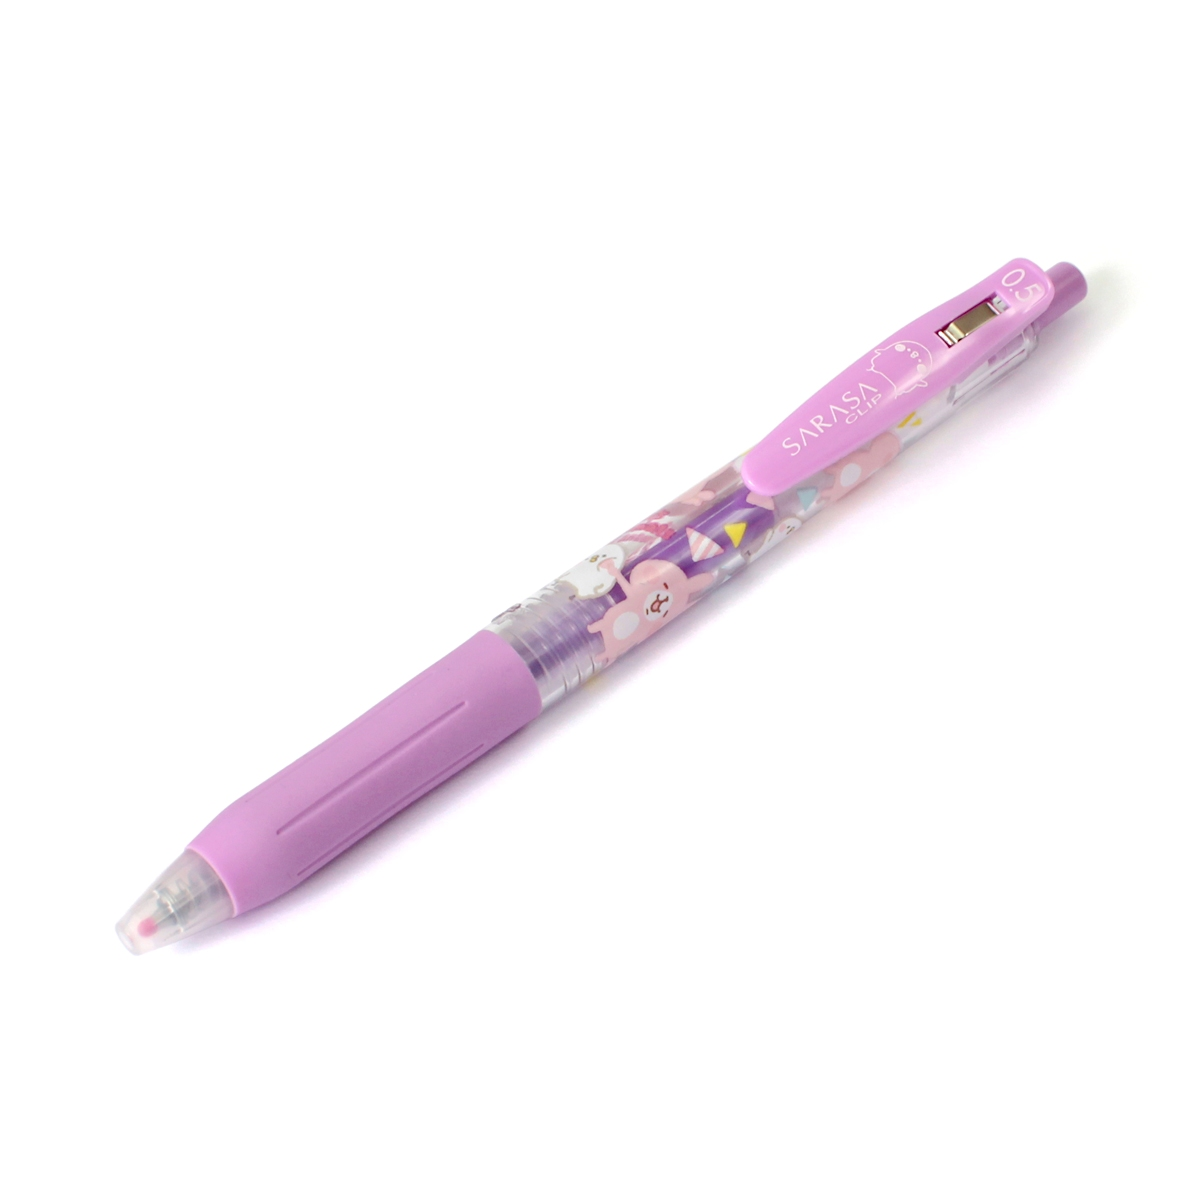 *小徑文化*日本進口 SARASA Clip x Kanahei 聯名系列水性筆 - 粉紫 ( H018-98 )